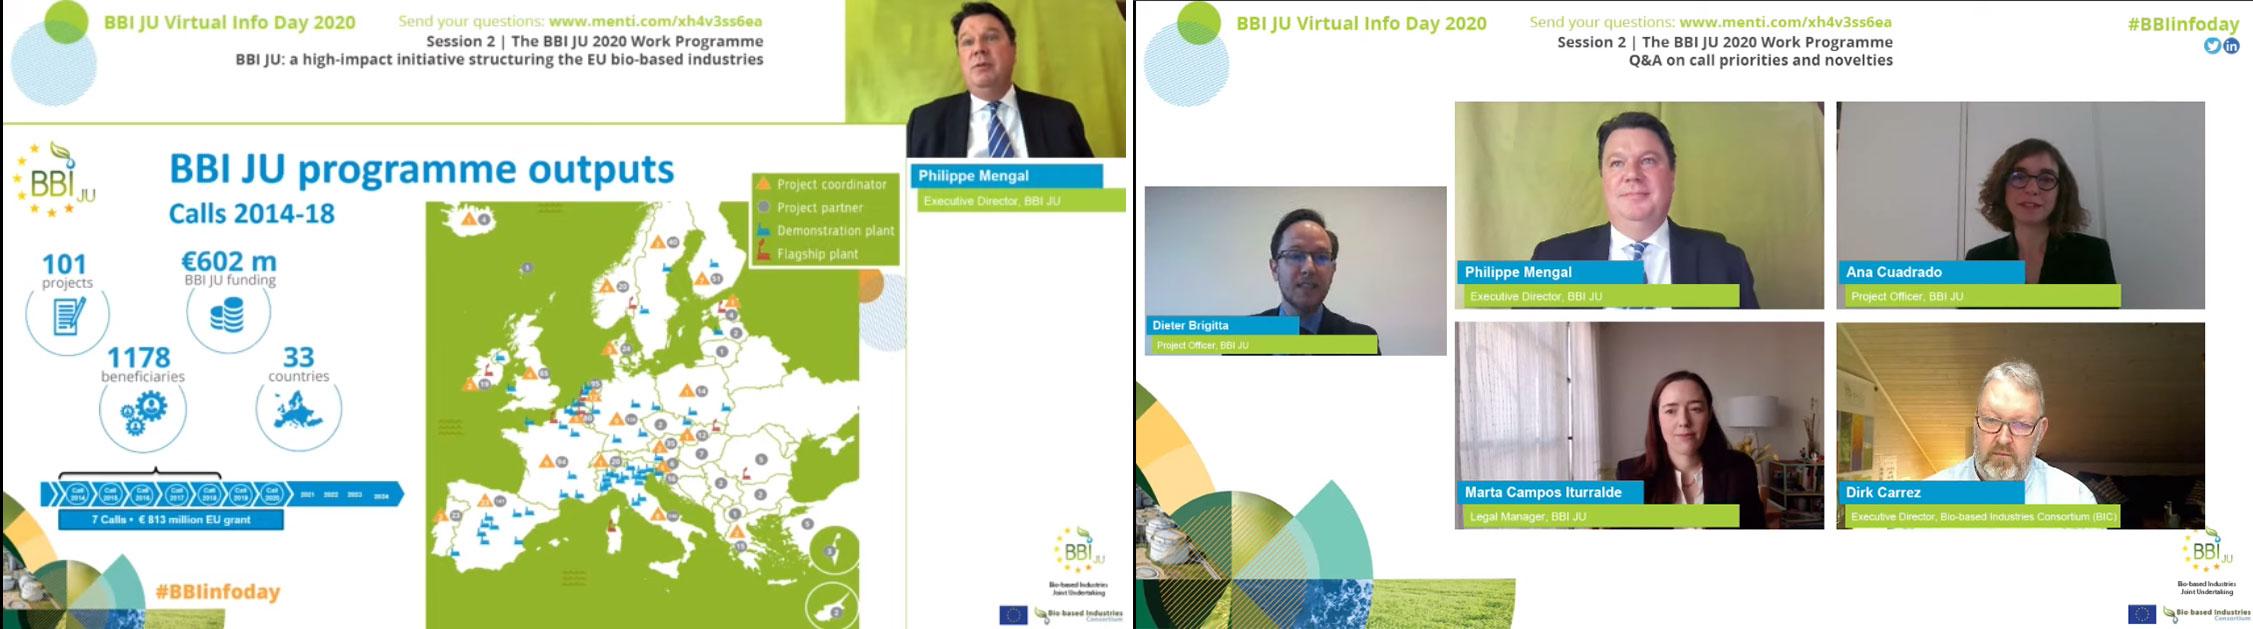 Momentos de la presentación del Info-day de BBI JU del pasado 22 de abril.